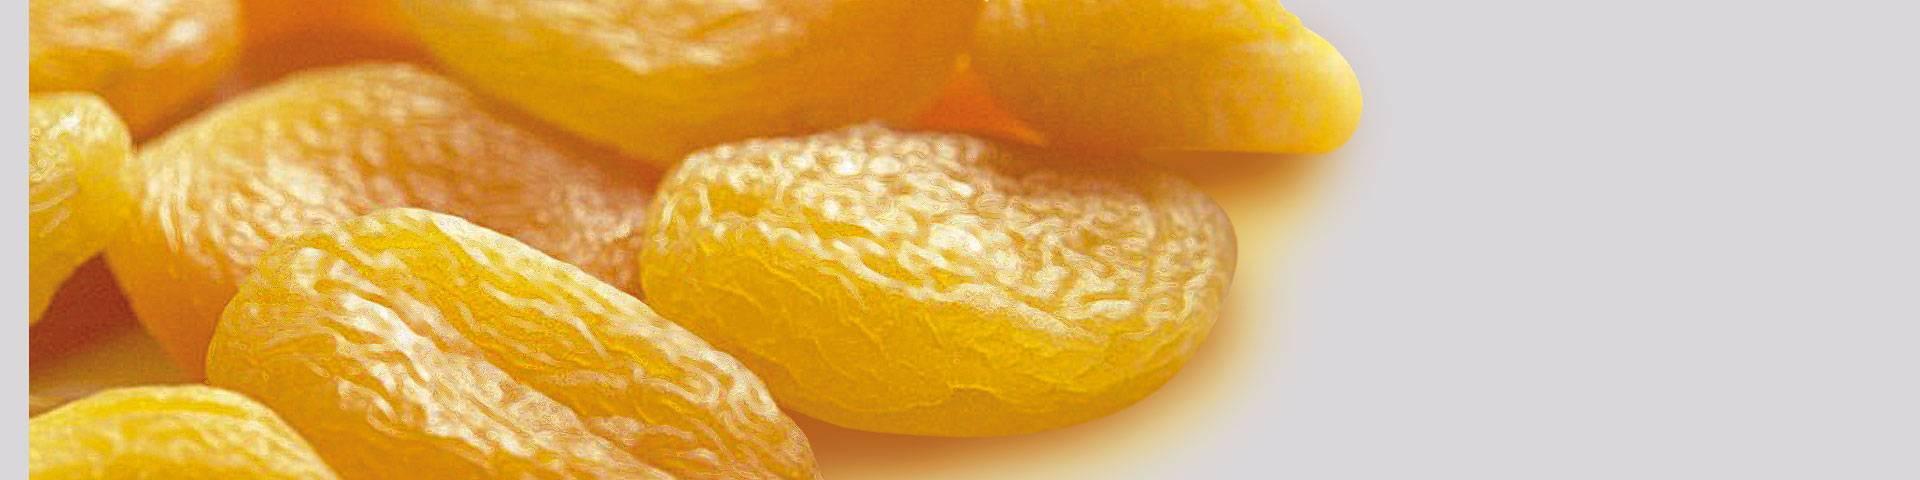 Курага при грудном вскармливании: можно ли есть в первый месяц при гв, как употреблять маме, кормящей новорожденного, правила употребления в пищу сушёного абрикоса во время лактации